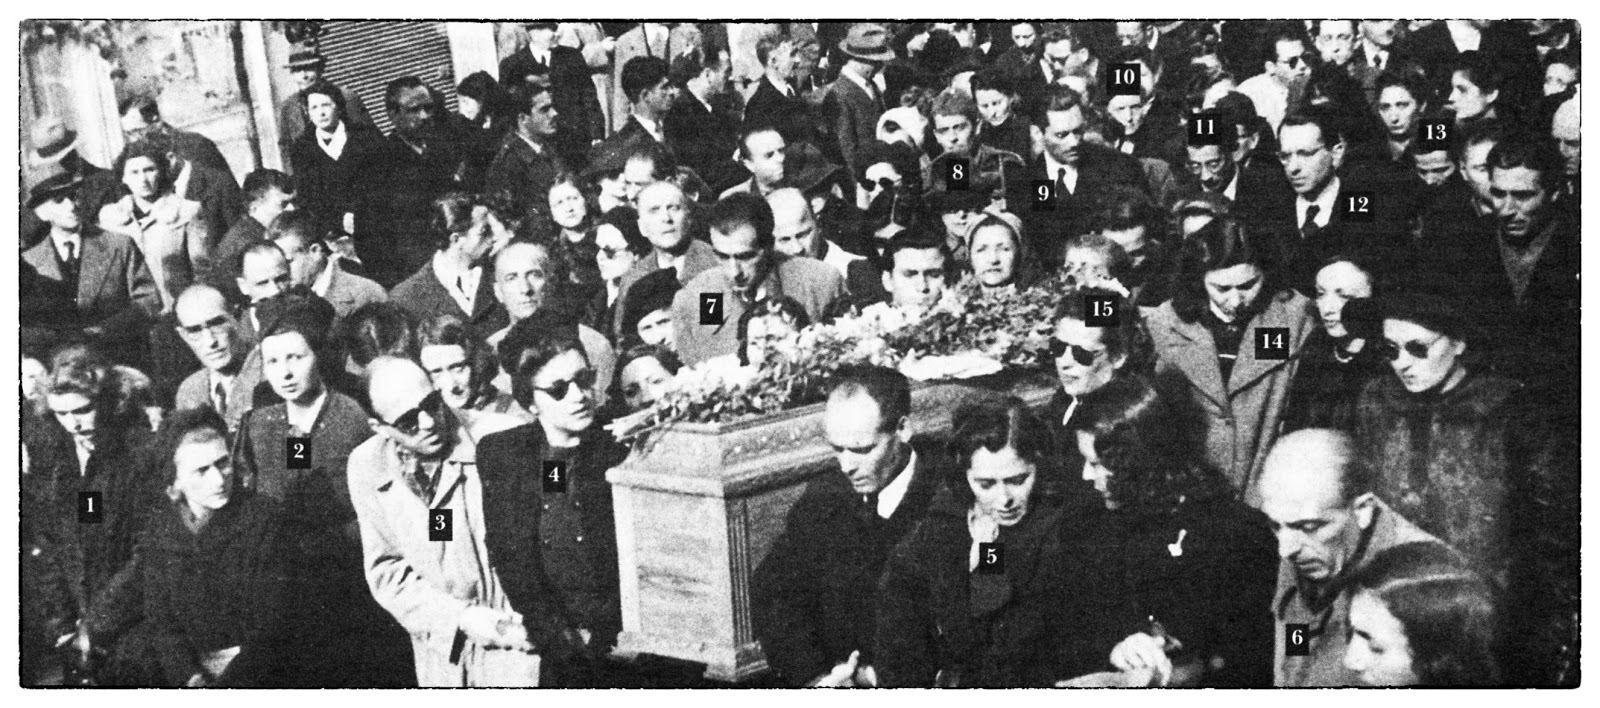 Δεκέμβρης 1944 - Γιατί έγινε; Τι χάσαμε;